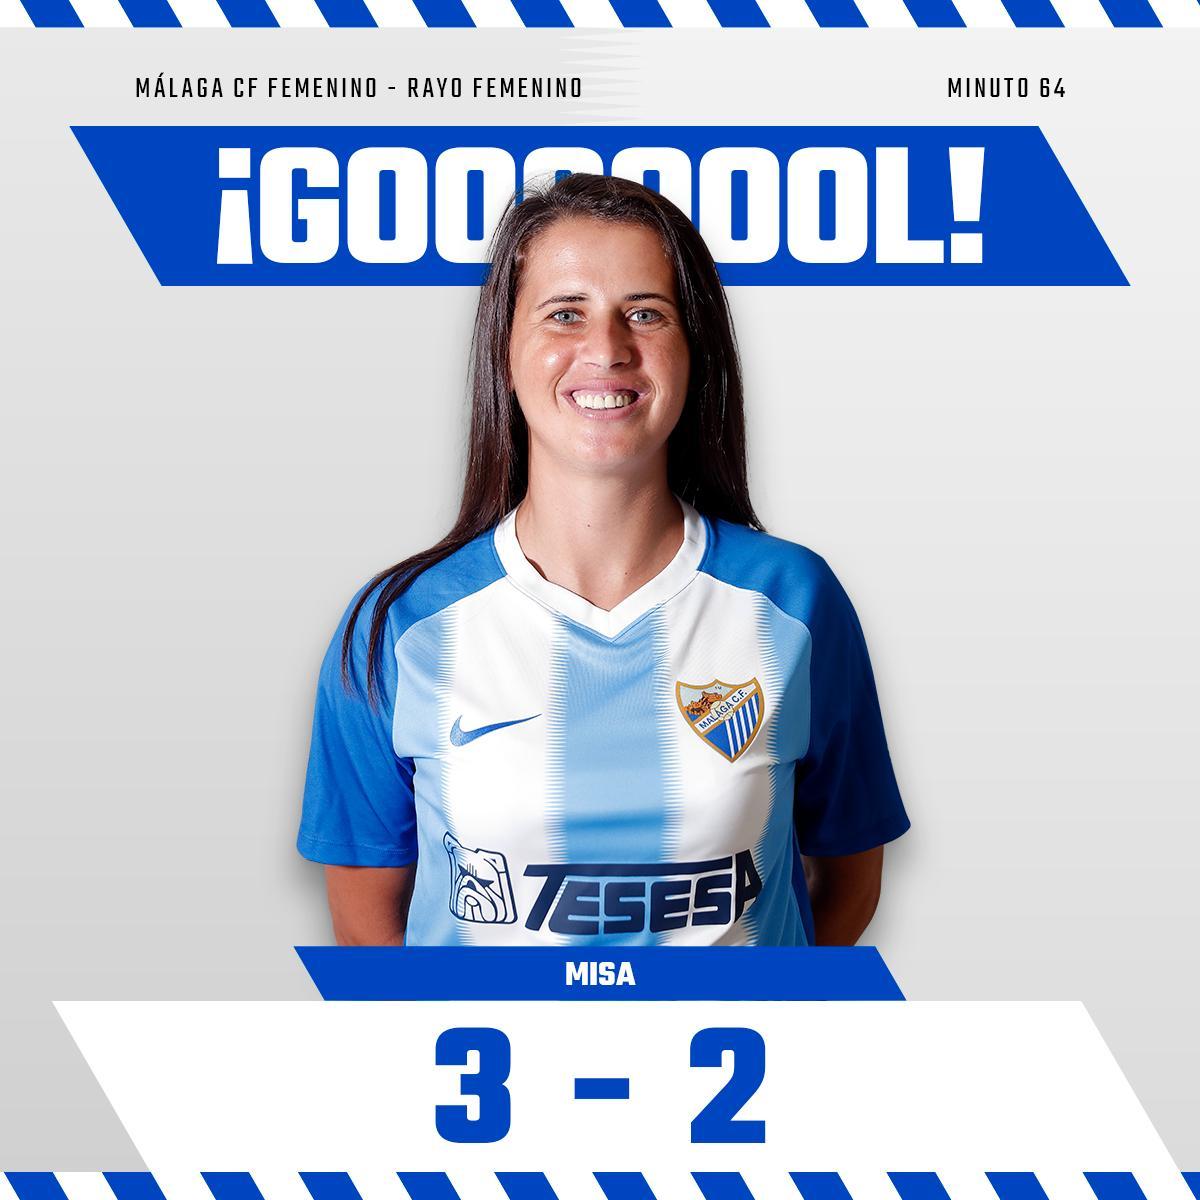 3-2 Min64| ¡¡¡GOOOOOOL GOOOOOL GOOOOOL DE MISA!!!! El #MálagaFemenino le da la vuelta al partido con un golazo de Kuc, que acaba de ingresar en el campo en sustitución de Dominika.   #MCFFLive #MálagaRayo⚽️ #SomosMálaga💙 #LuchaConNosotras💪